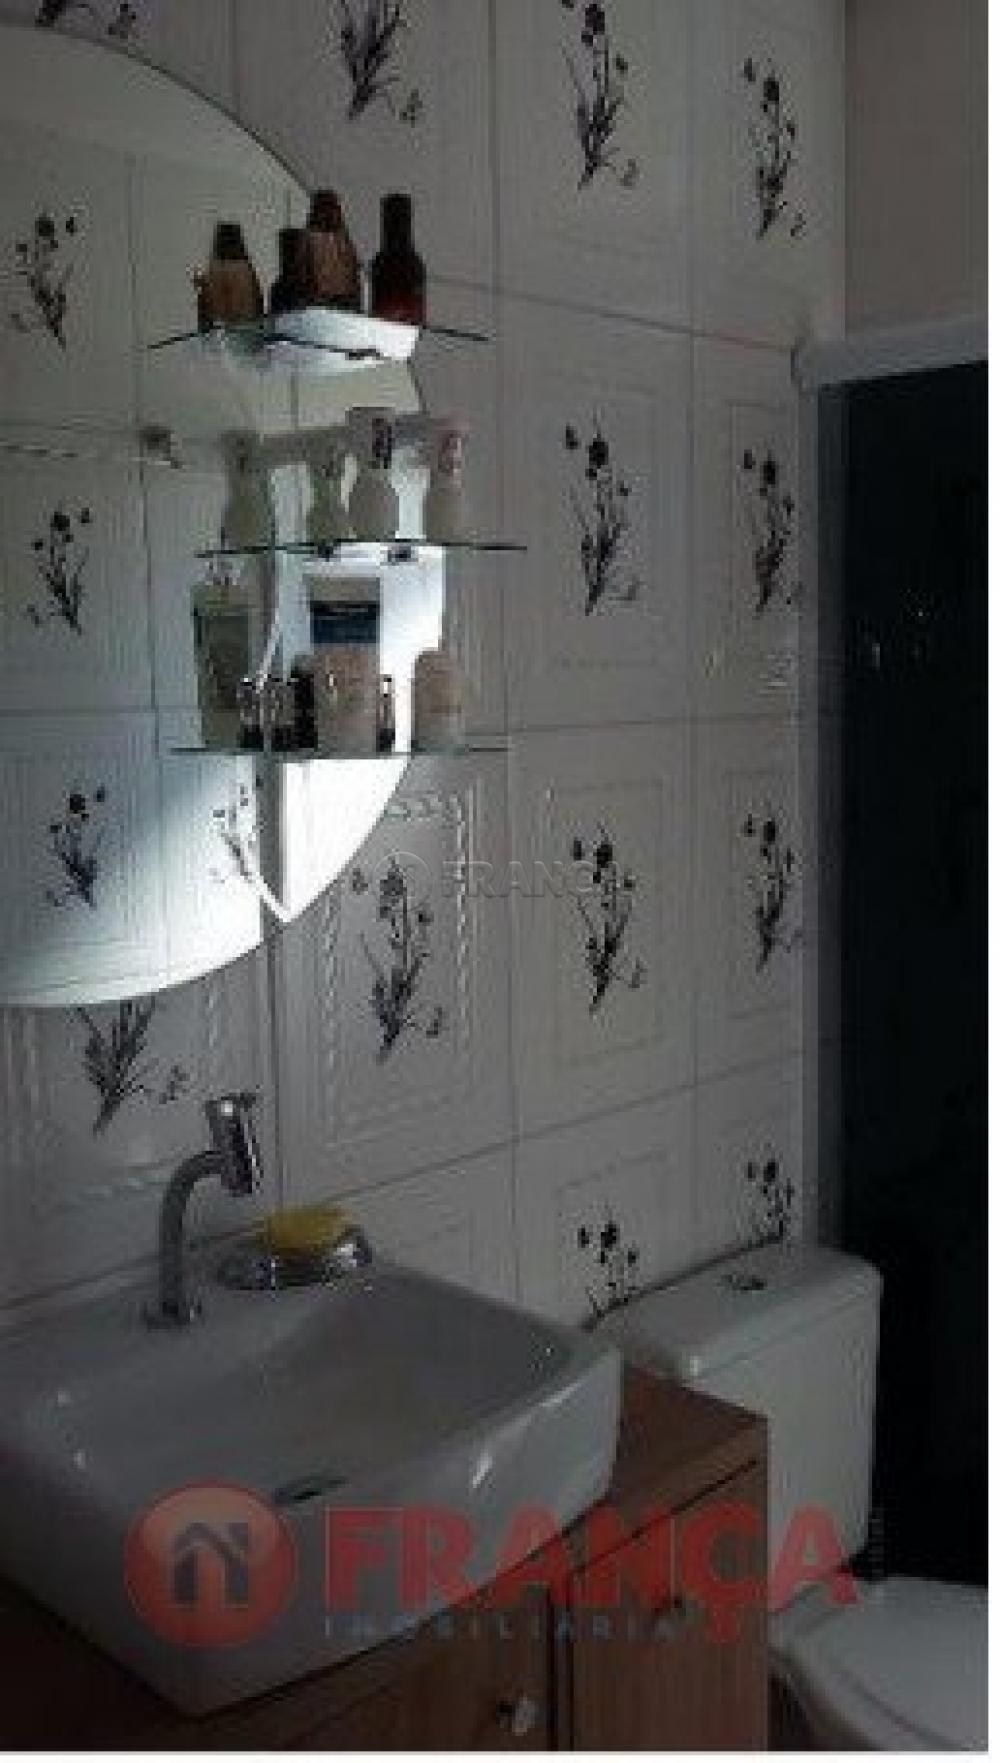 Comprar Apartamento / Padrão em Jacareí R$ 180.000,00 - Foto 2